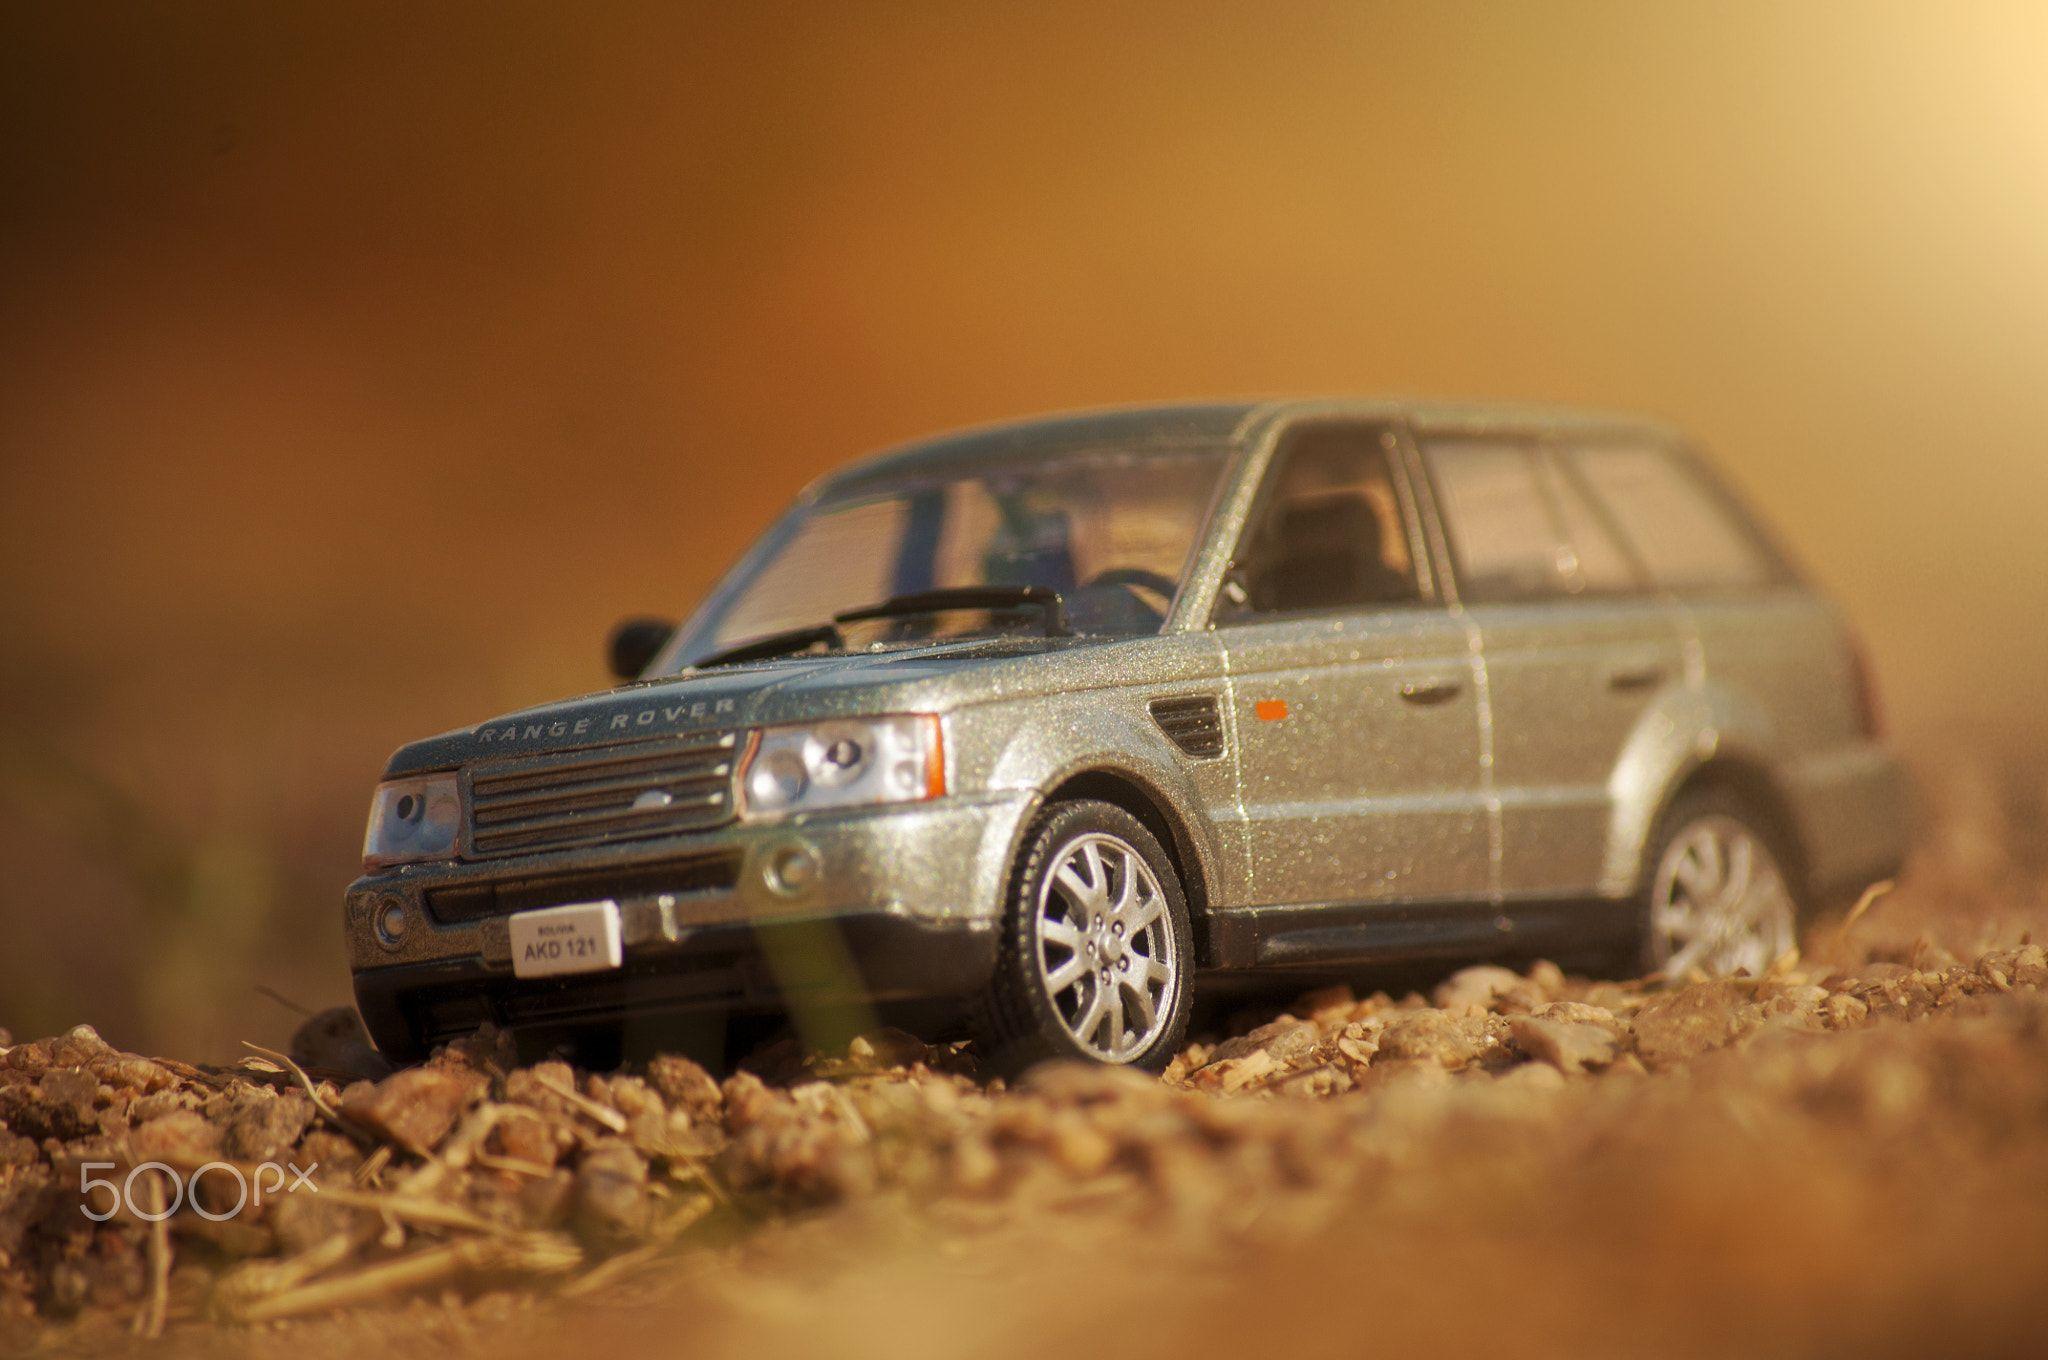 My Little Monster Range Rover Null Range Rover Miniature Cars My Little Monster